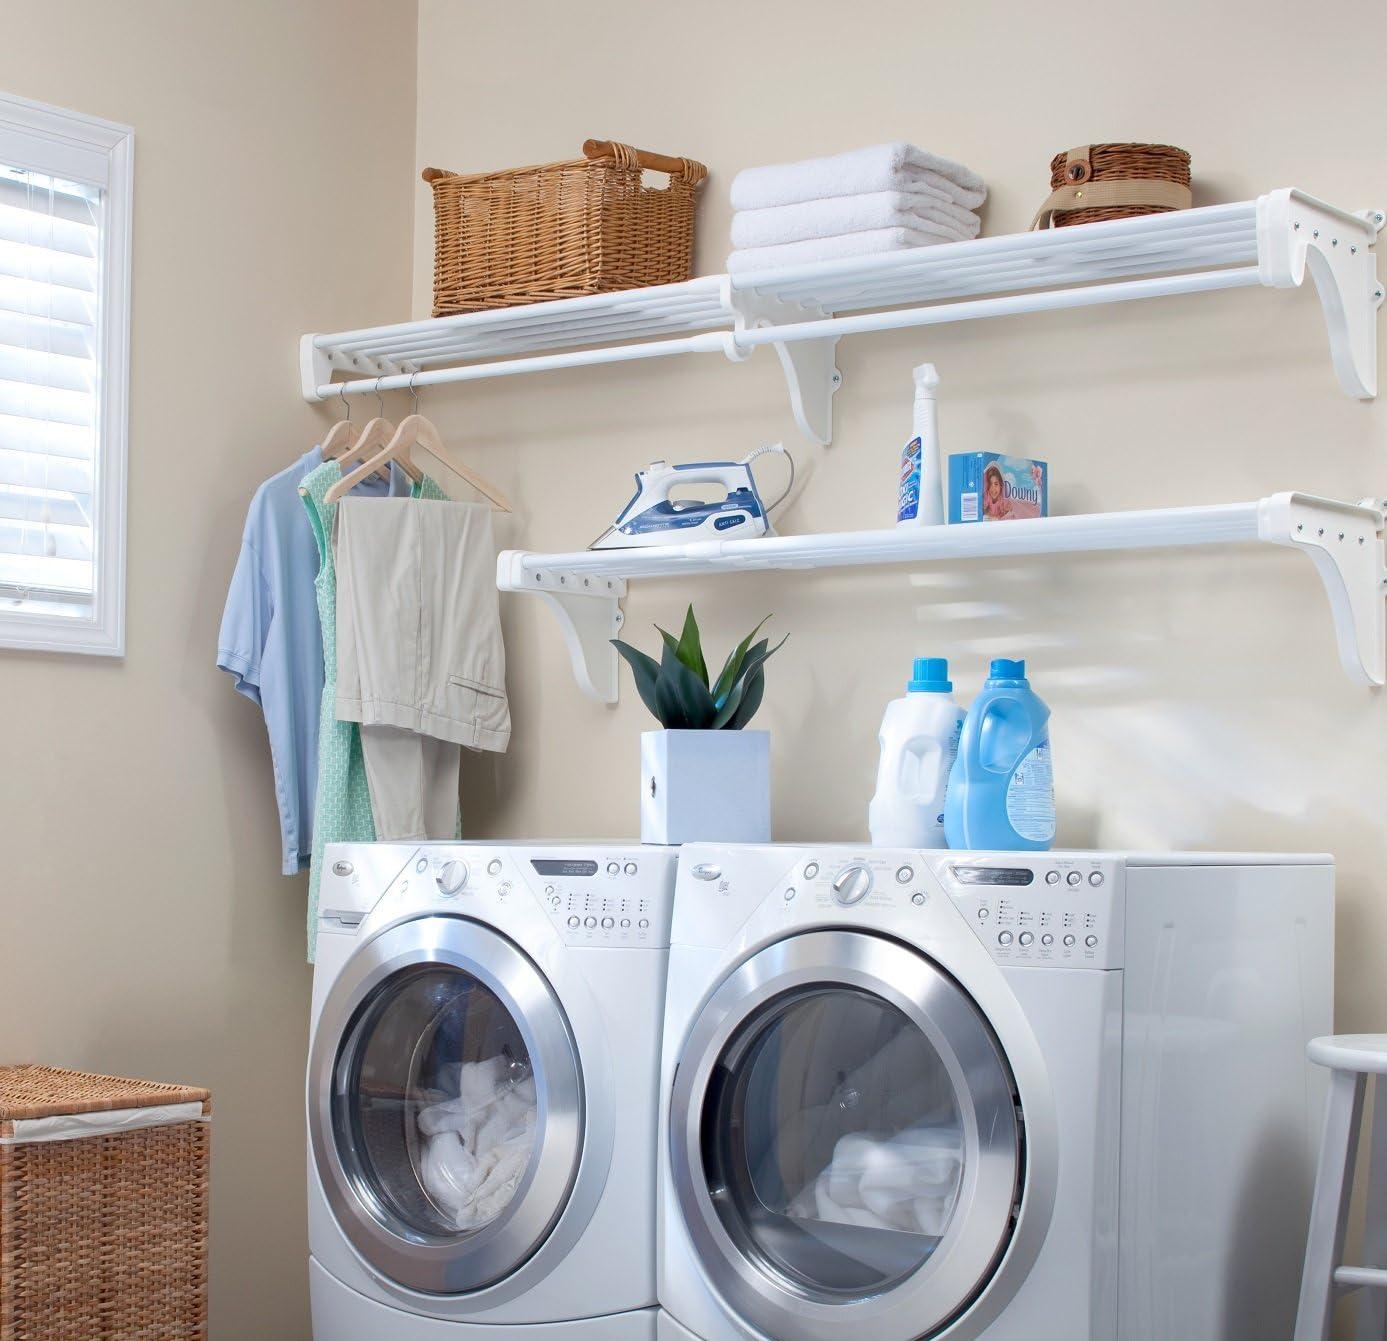 EZ Shelf - Expandable Laundry Room Organizer, up to 12.6 ft of Laundry Room Storage and 6.3 ft of Laundry Room Shelves(with Hanging Rod), White